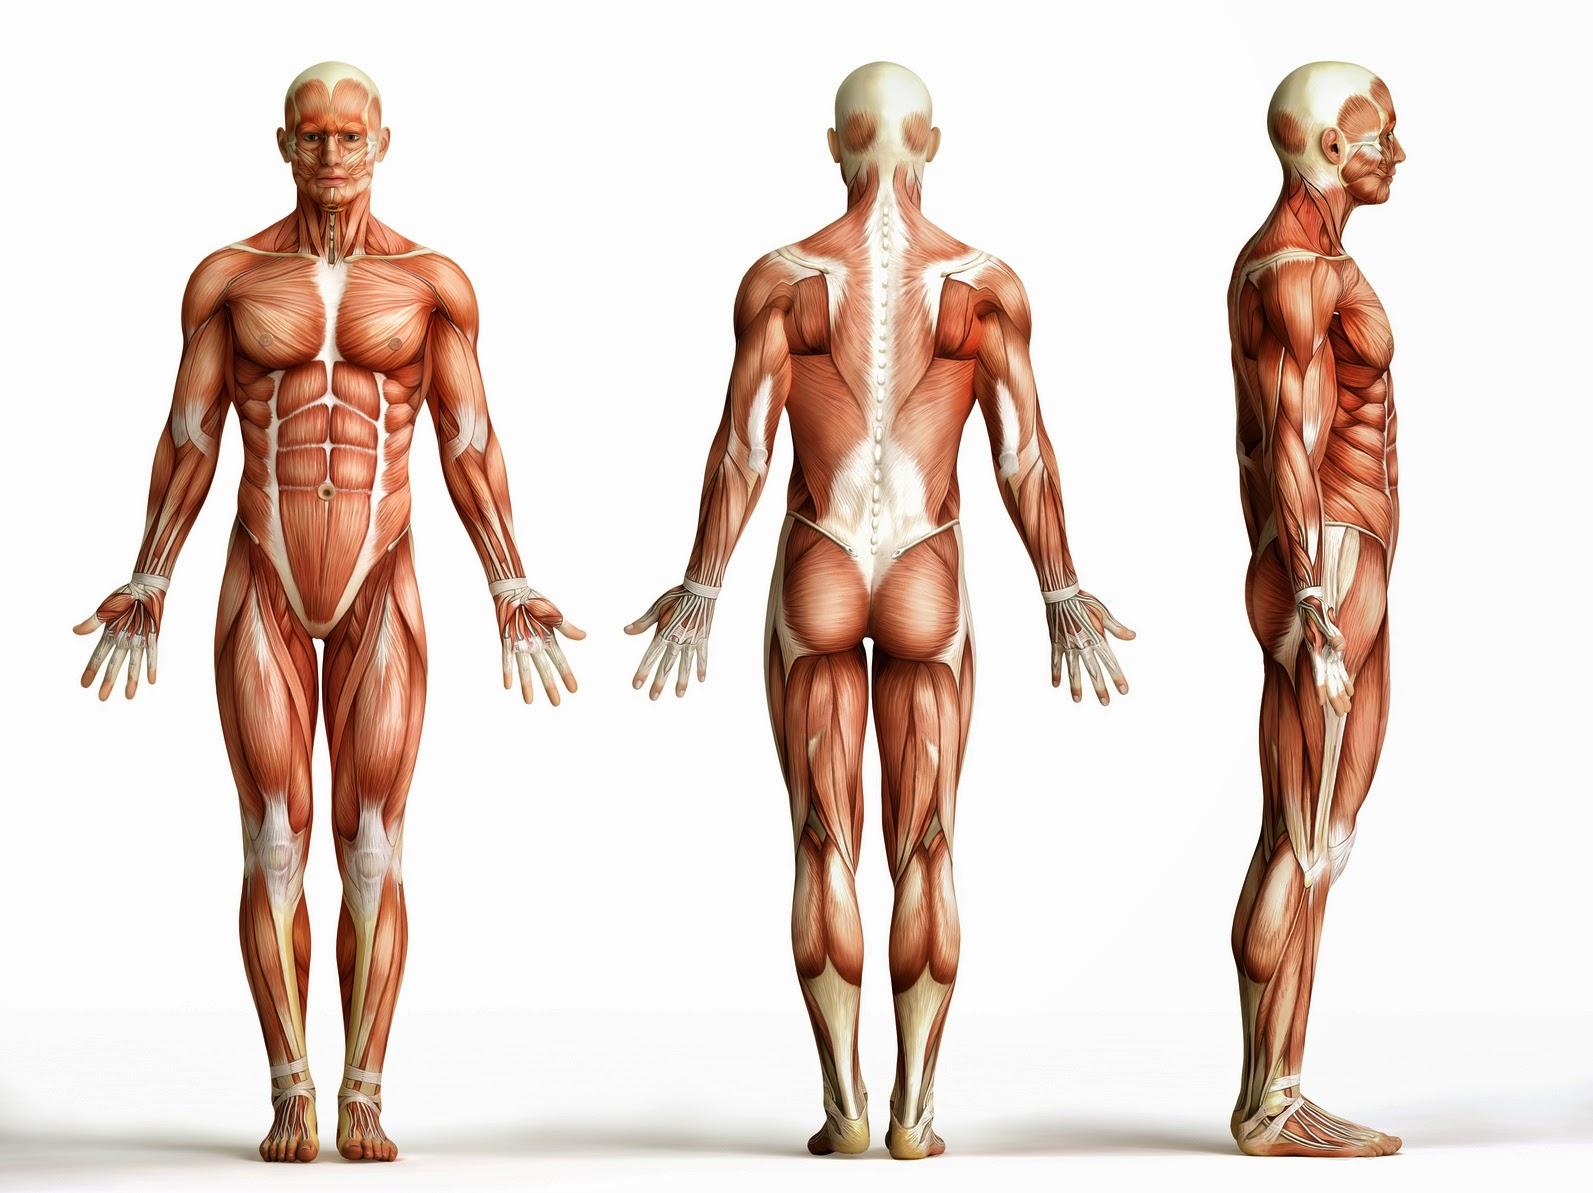 بالصور كم عدد عضلات جسم الانسان , تعرف على اهمية عضلات جسم الانسان وعددها 465 2